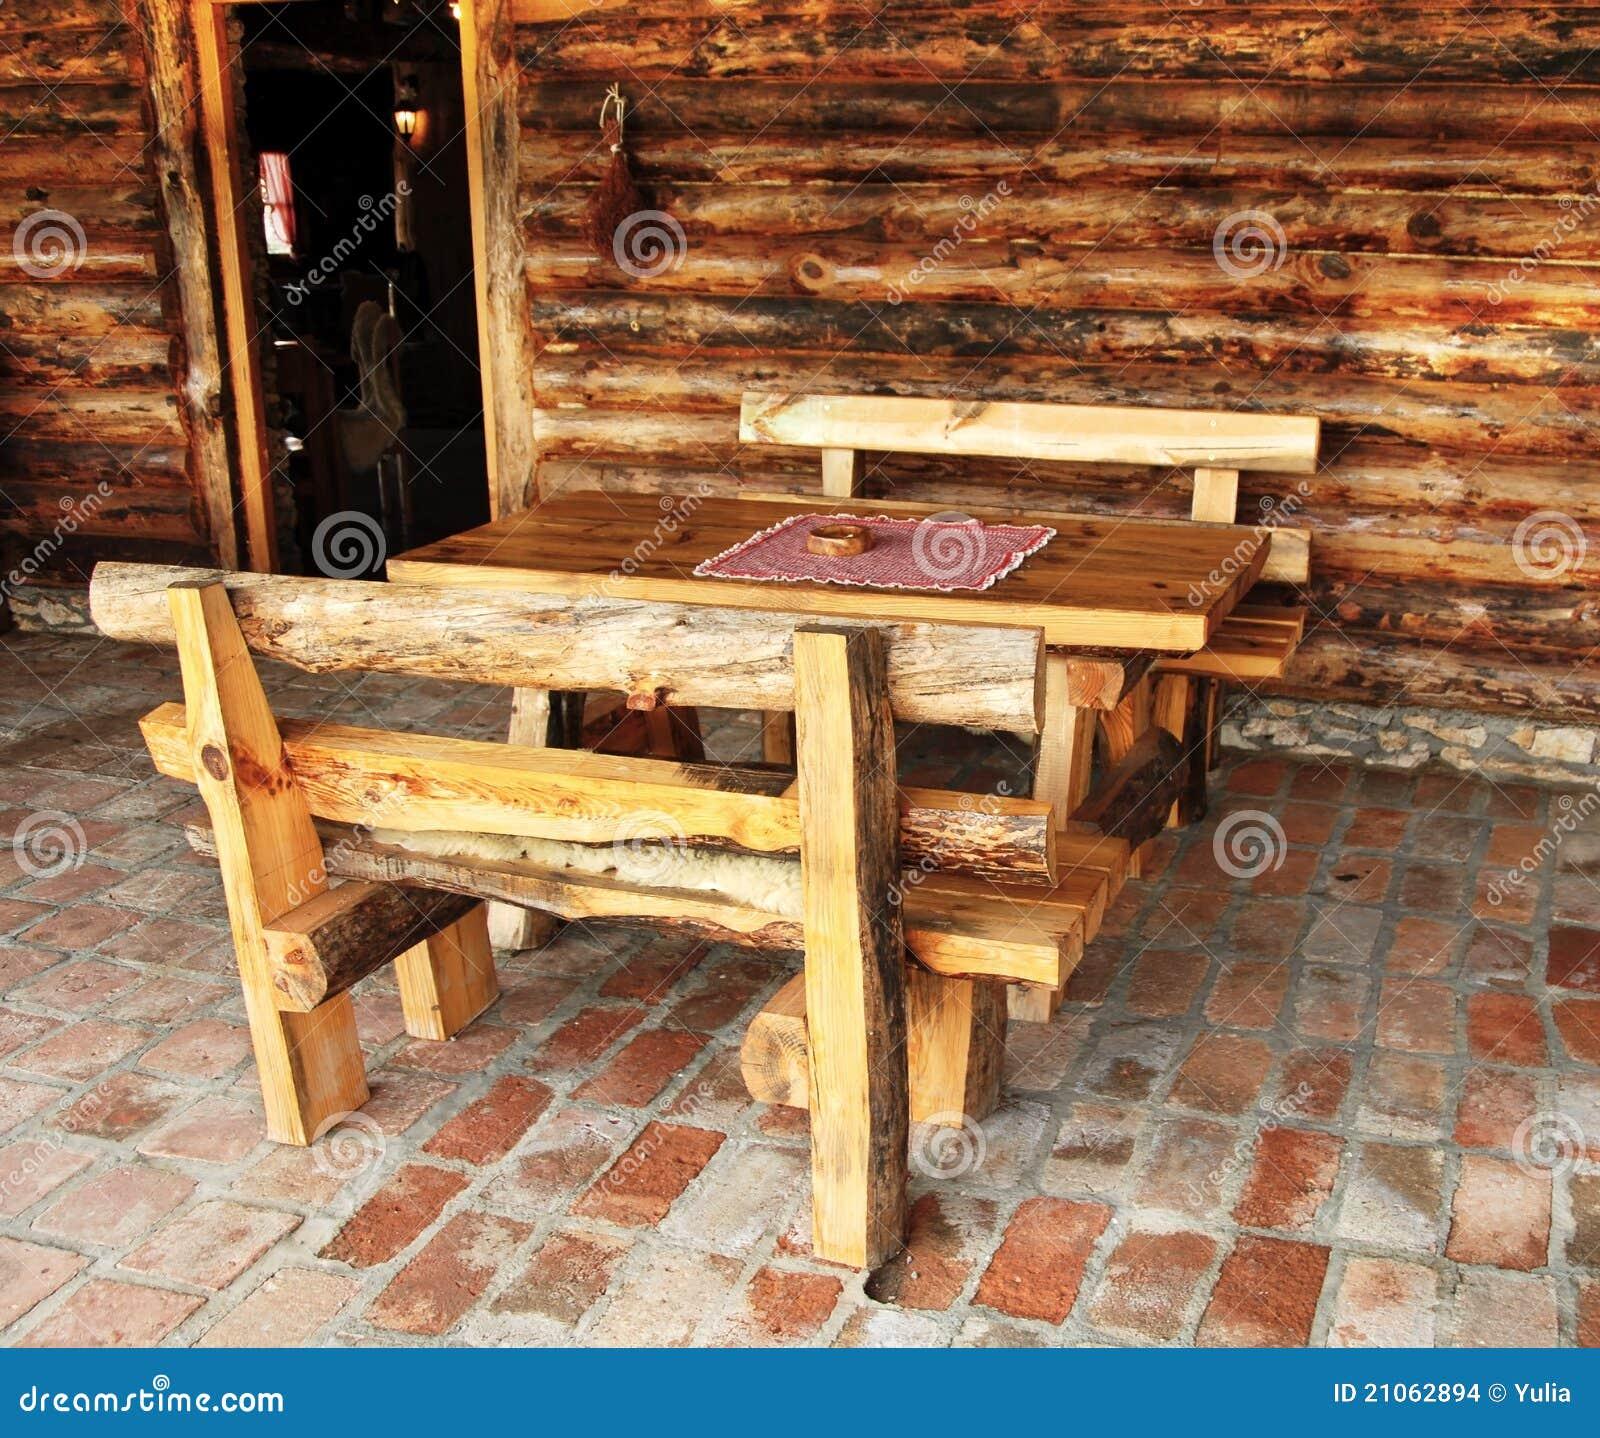 Muebles Rústicos Imagenes de archivo - Imagen: 21062894